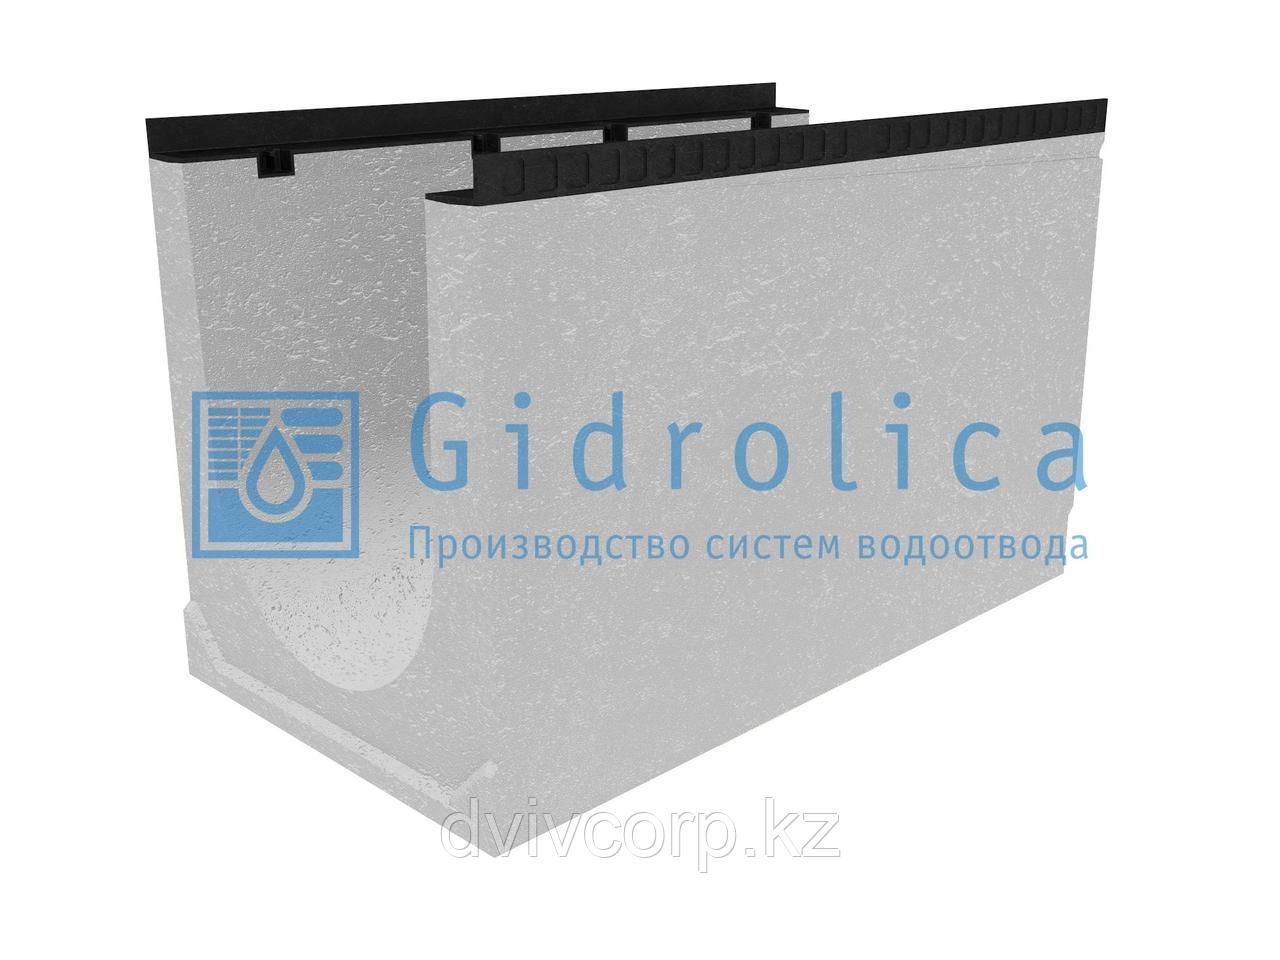 Лоток водоотводный бетонный коробчатый (СО-400мм)КU 100.54(40).62,5(54,5) - BGМ, № 35-0